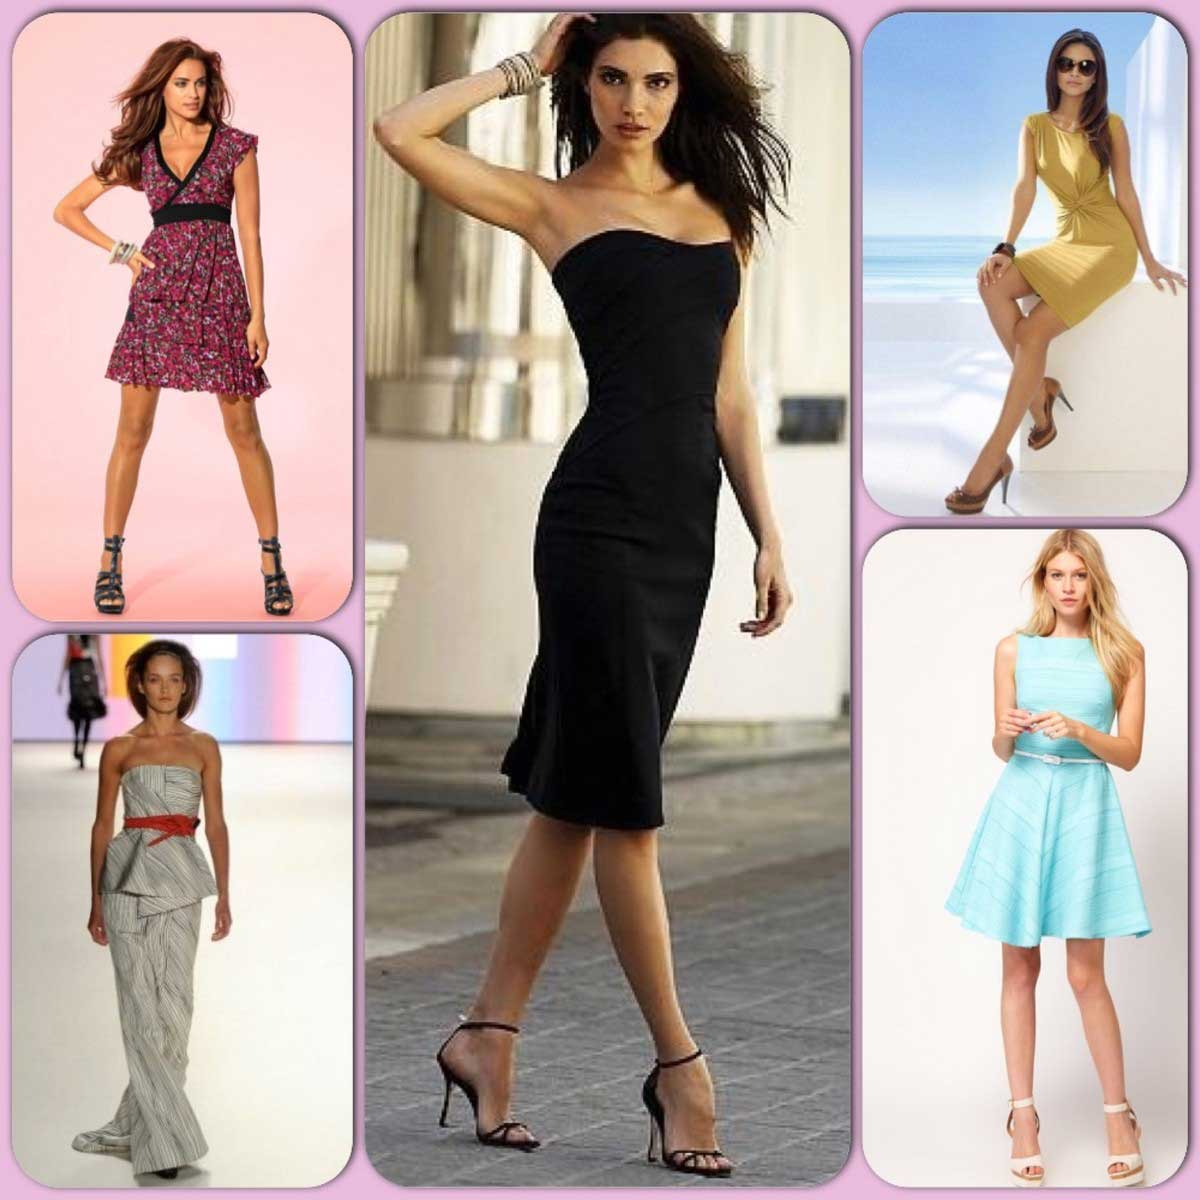 Женские соблазнительные фигуры в платьях